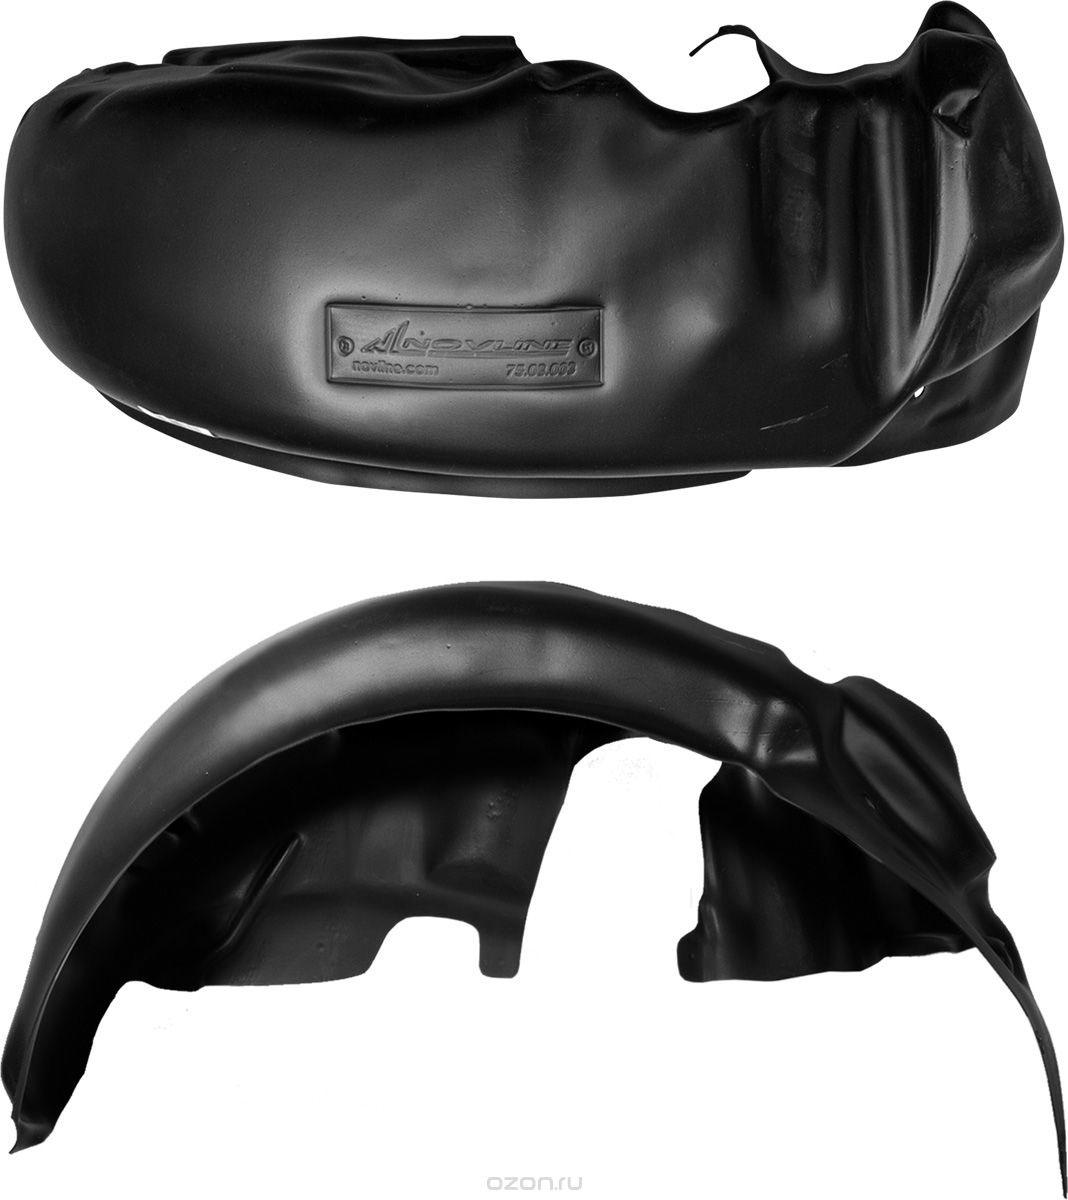 Подкрылок Novline-Autofamily, для TOYOTA Avensis 2009->, передний правый44701004Идеальная защита колесной ниши. Локеры разработаны с применением цифровых технологий, гарантируют максимальную повторяемость поверхности арки. Изделия устанавливаются без нарушения лакокрасочного покрытия автомобиля, каждый подкрылок комплектуется крепежом. Уважаемые клиенты, обращаем ваше внимание, что фотографии на подкрылки универсальные и не отражают реальную форму изделия. При этом само изделие идет точно под размер указанного автомобиля.